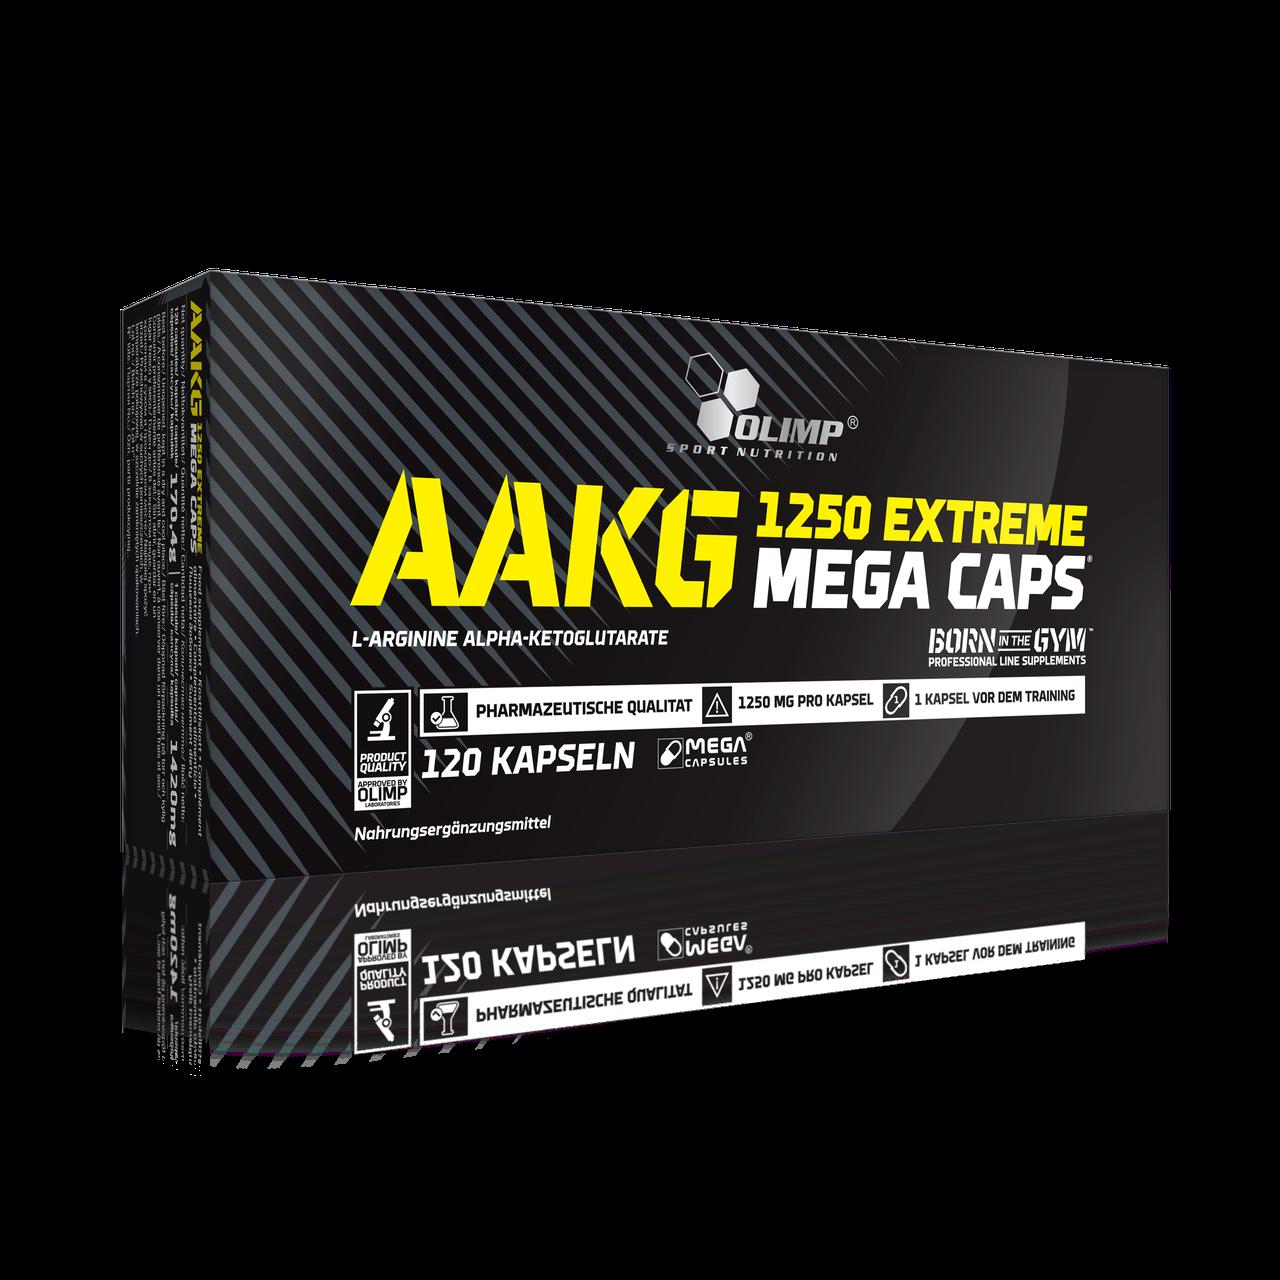 Olimp AAKG Extreme mega caps 300 caps